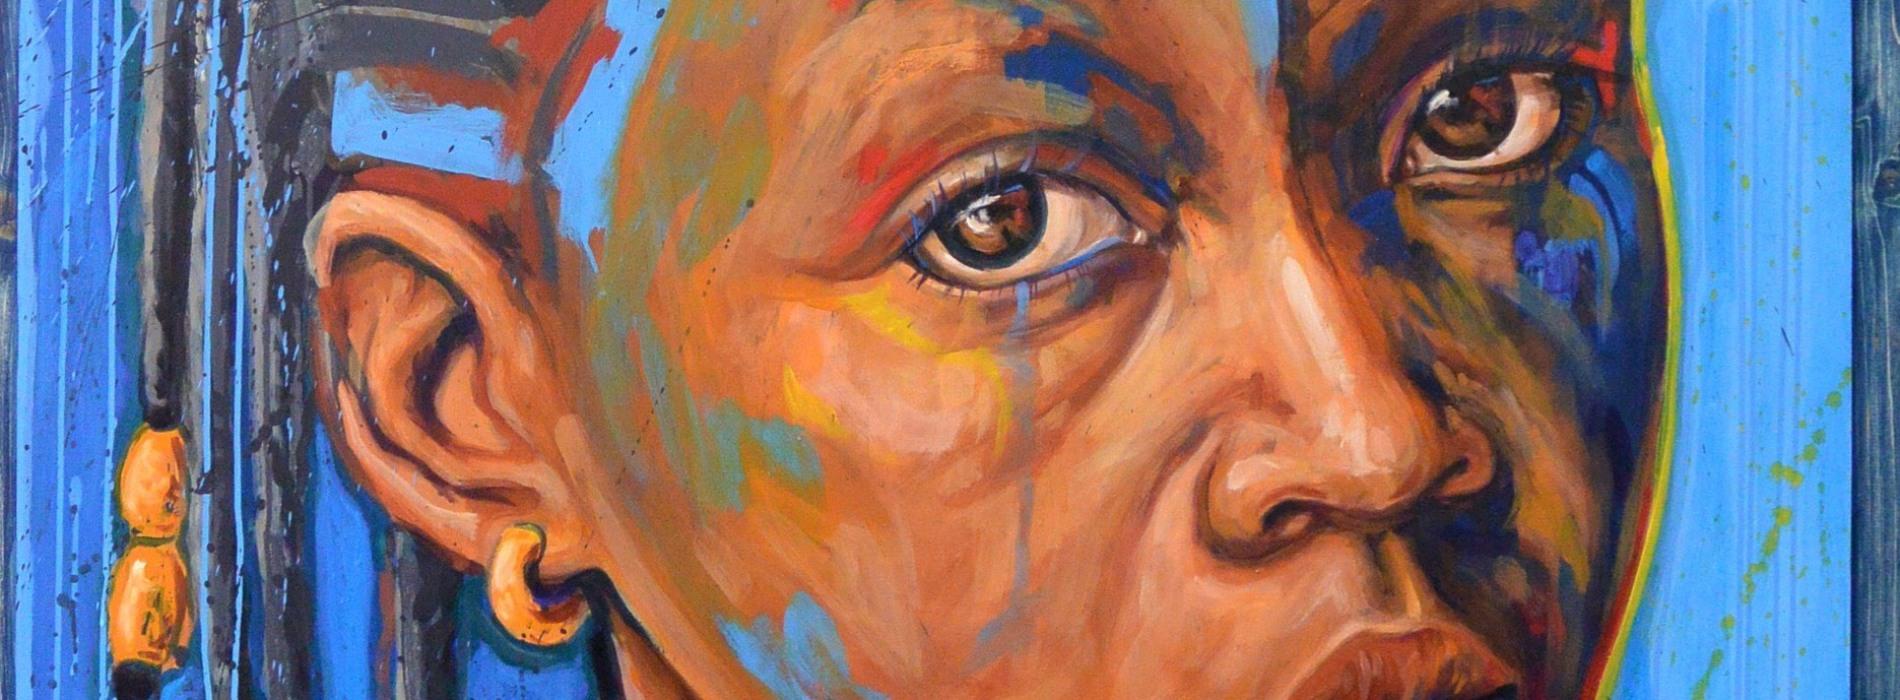 Spazio Vitale. Storie d'Africa dello spagnolo Xavi Ferragut